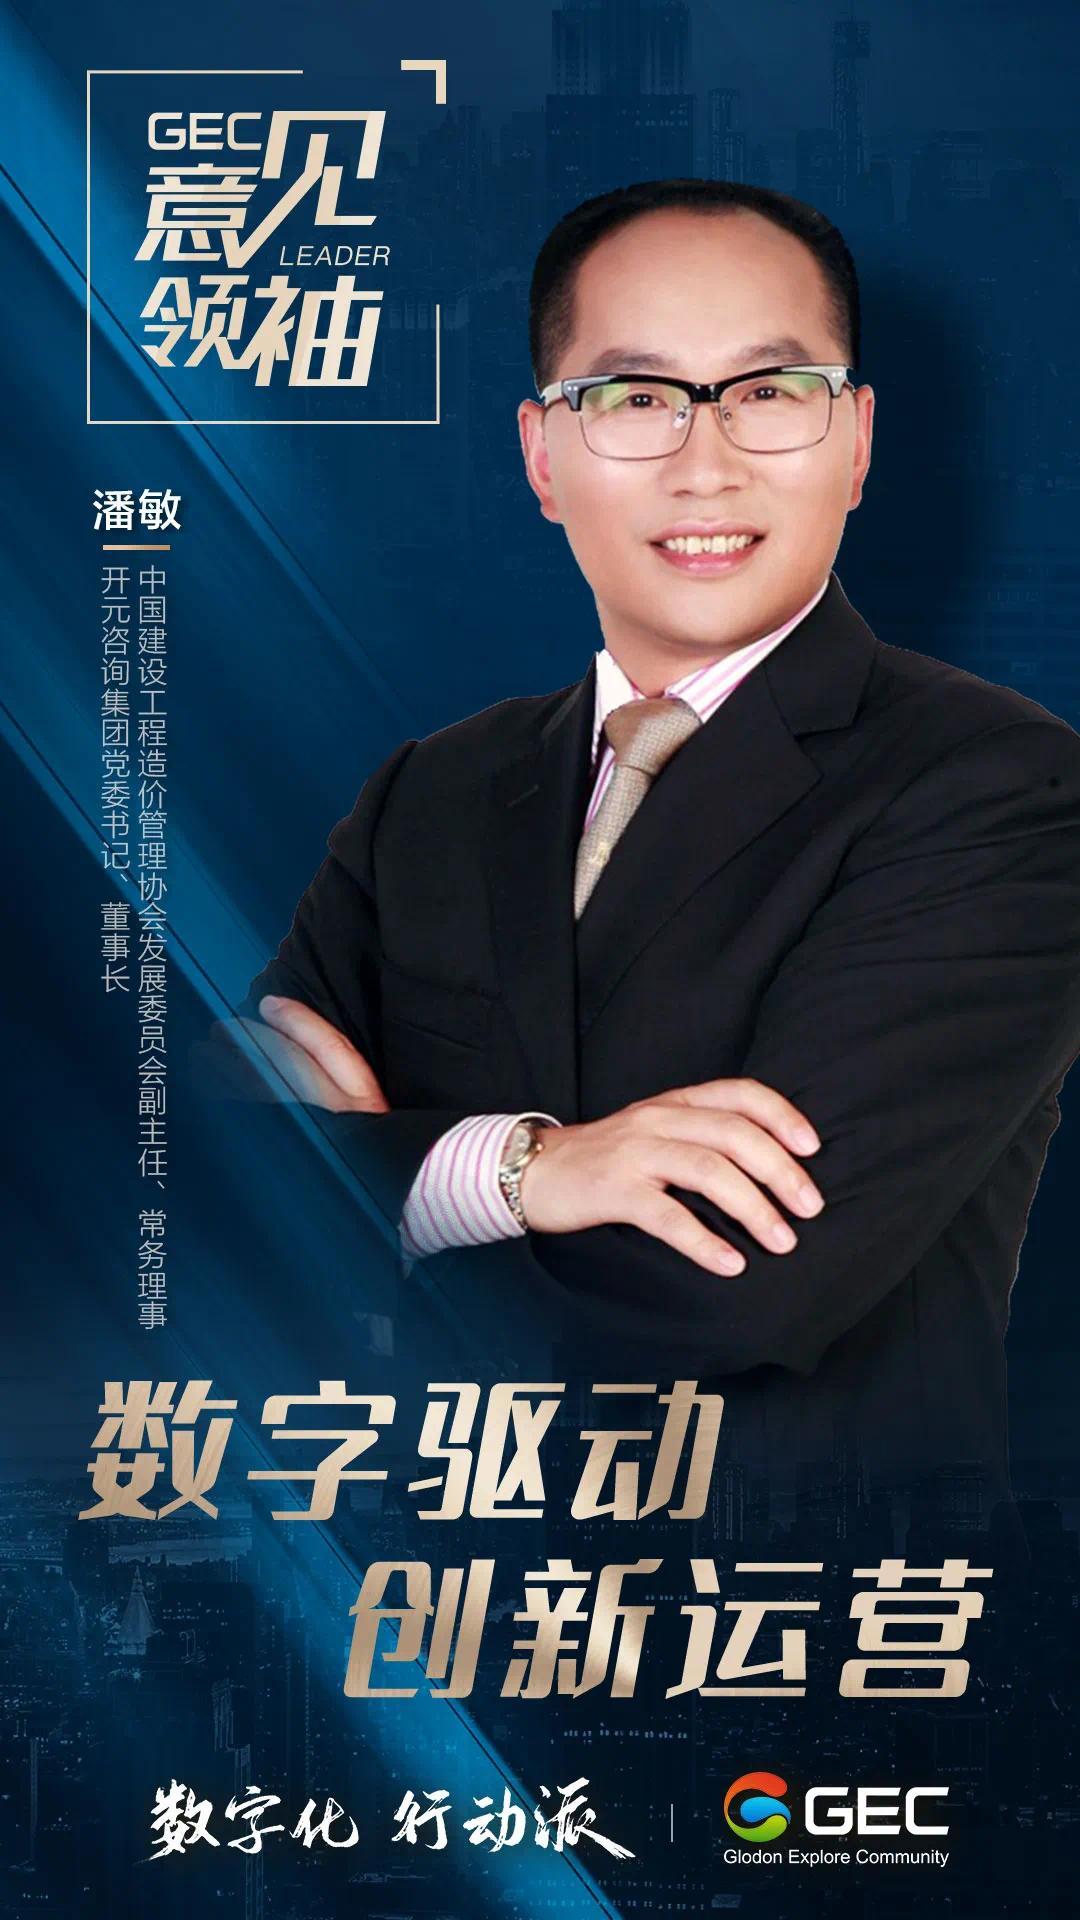 GEC意见领袖丨潘敏:数字驱动、创新运营——工程咨询行业发展的双螺旋